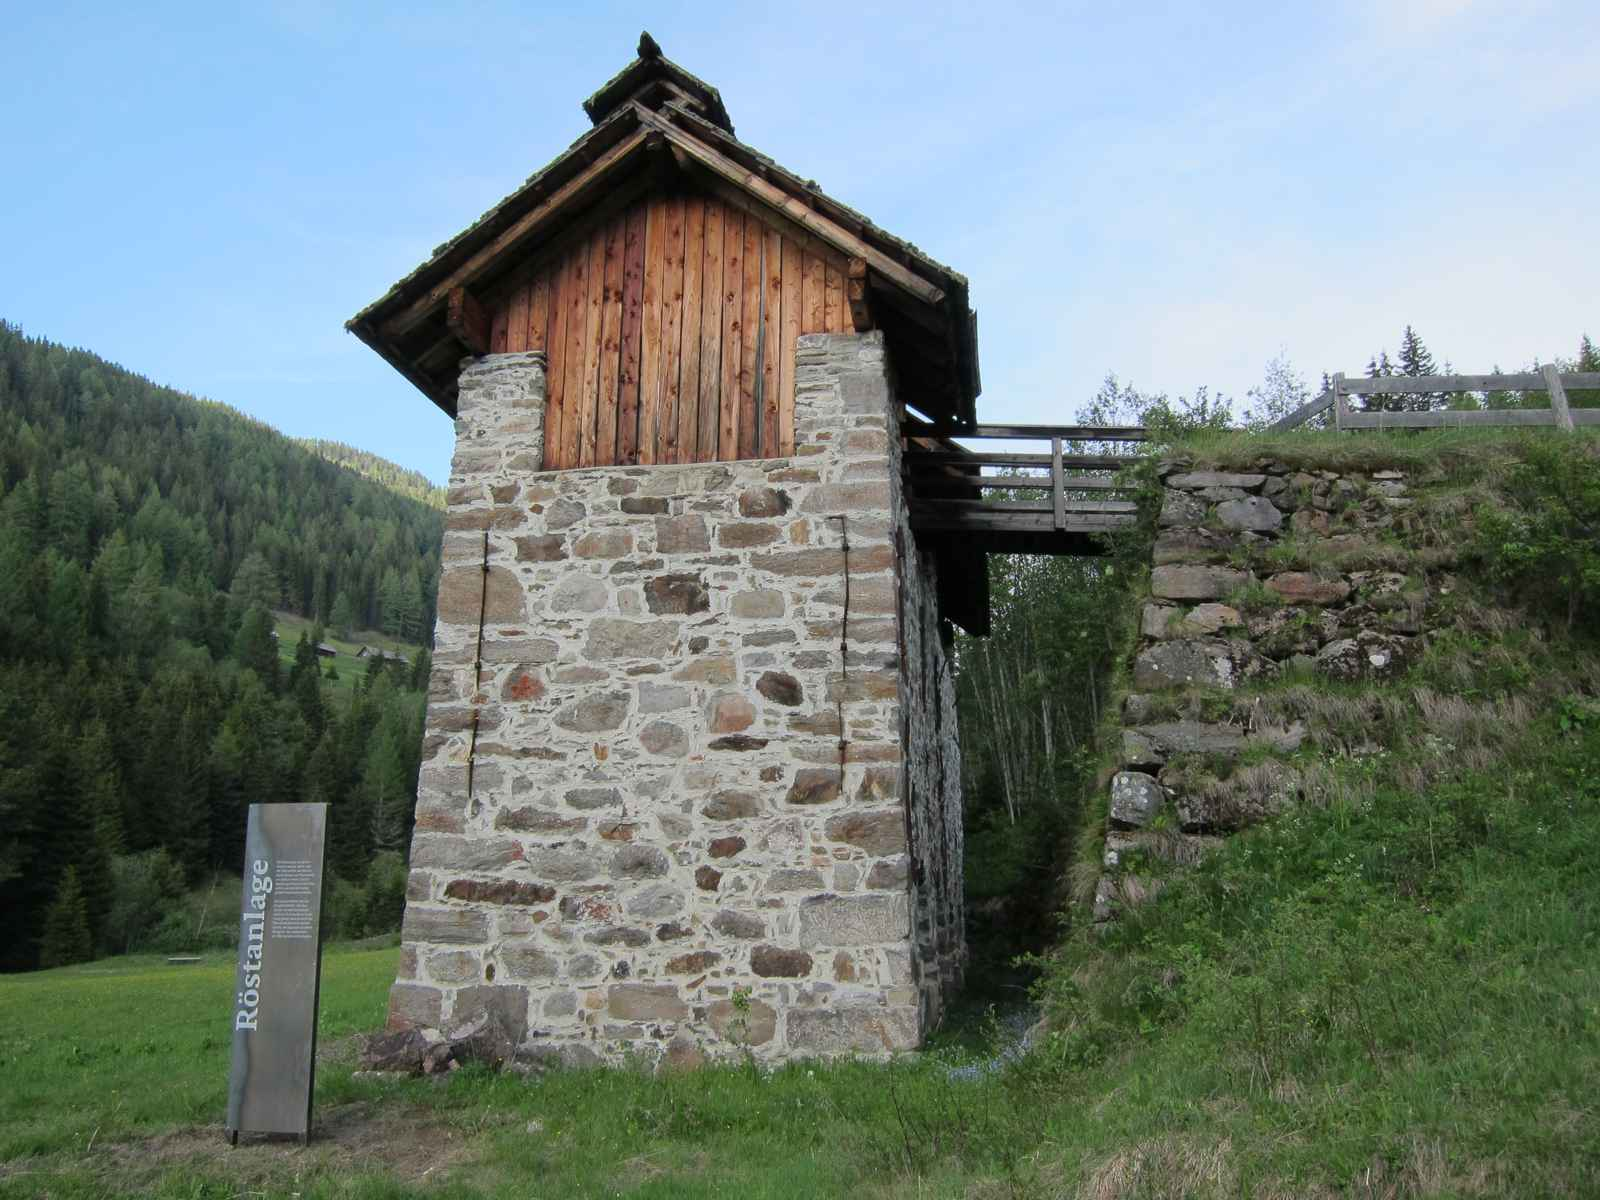 Röstanlage, Gebäude mit Schwarzblechstele